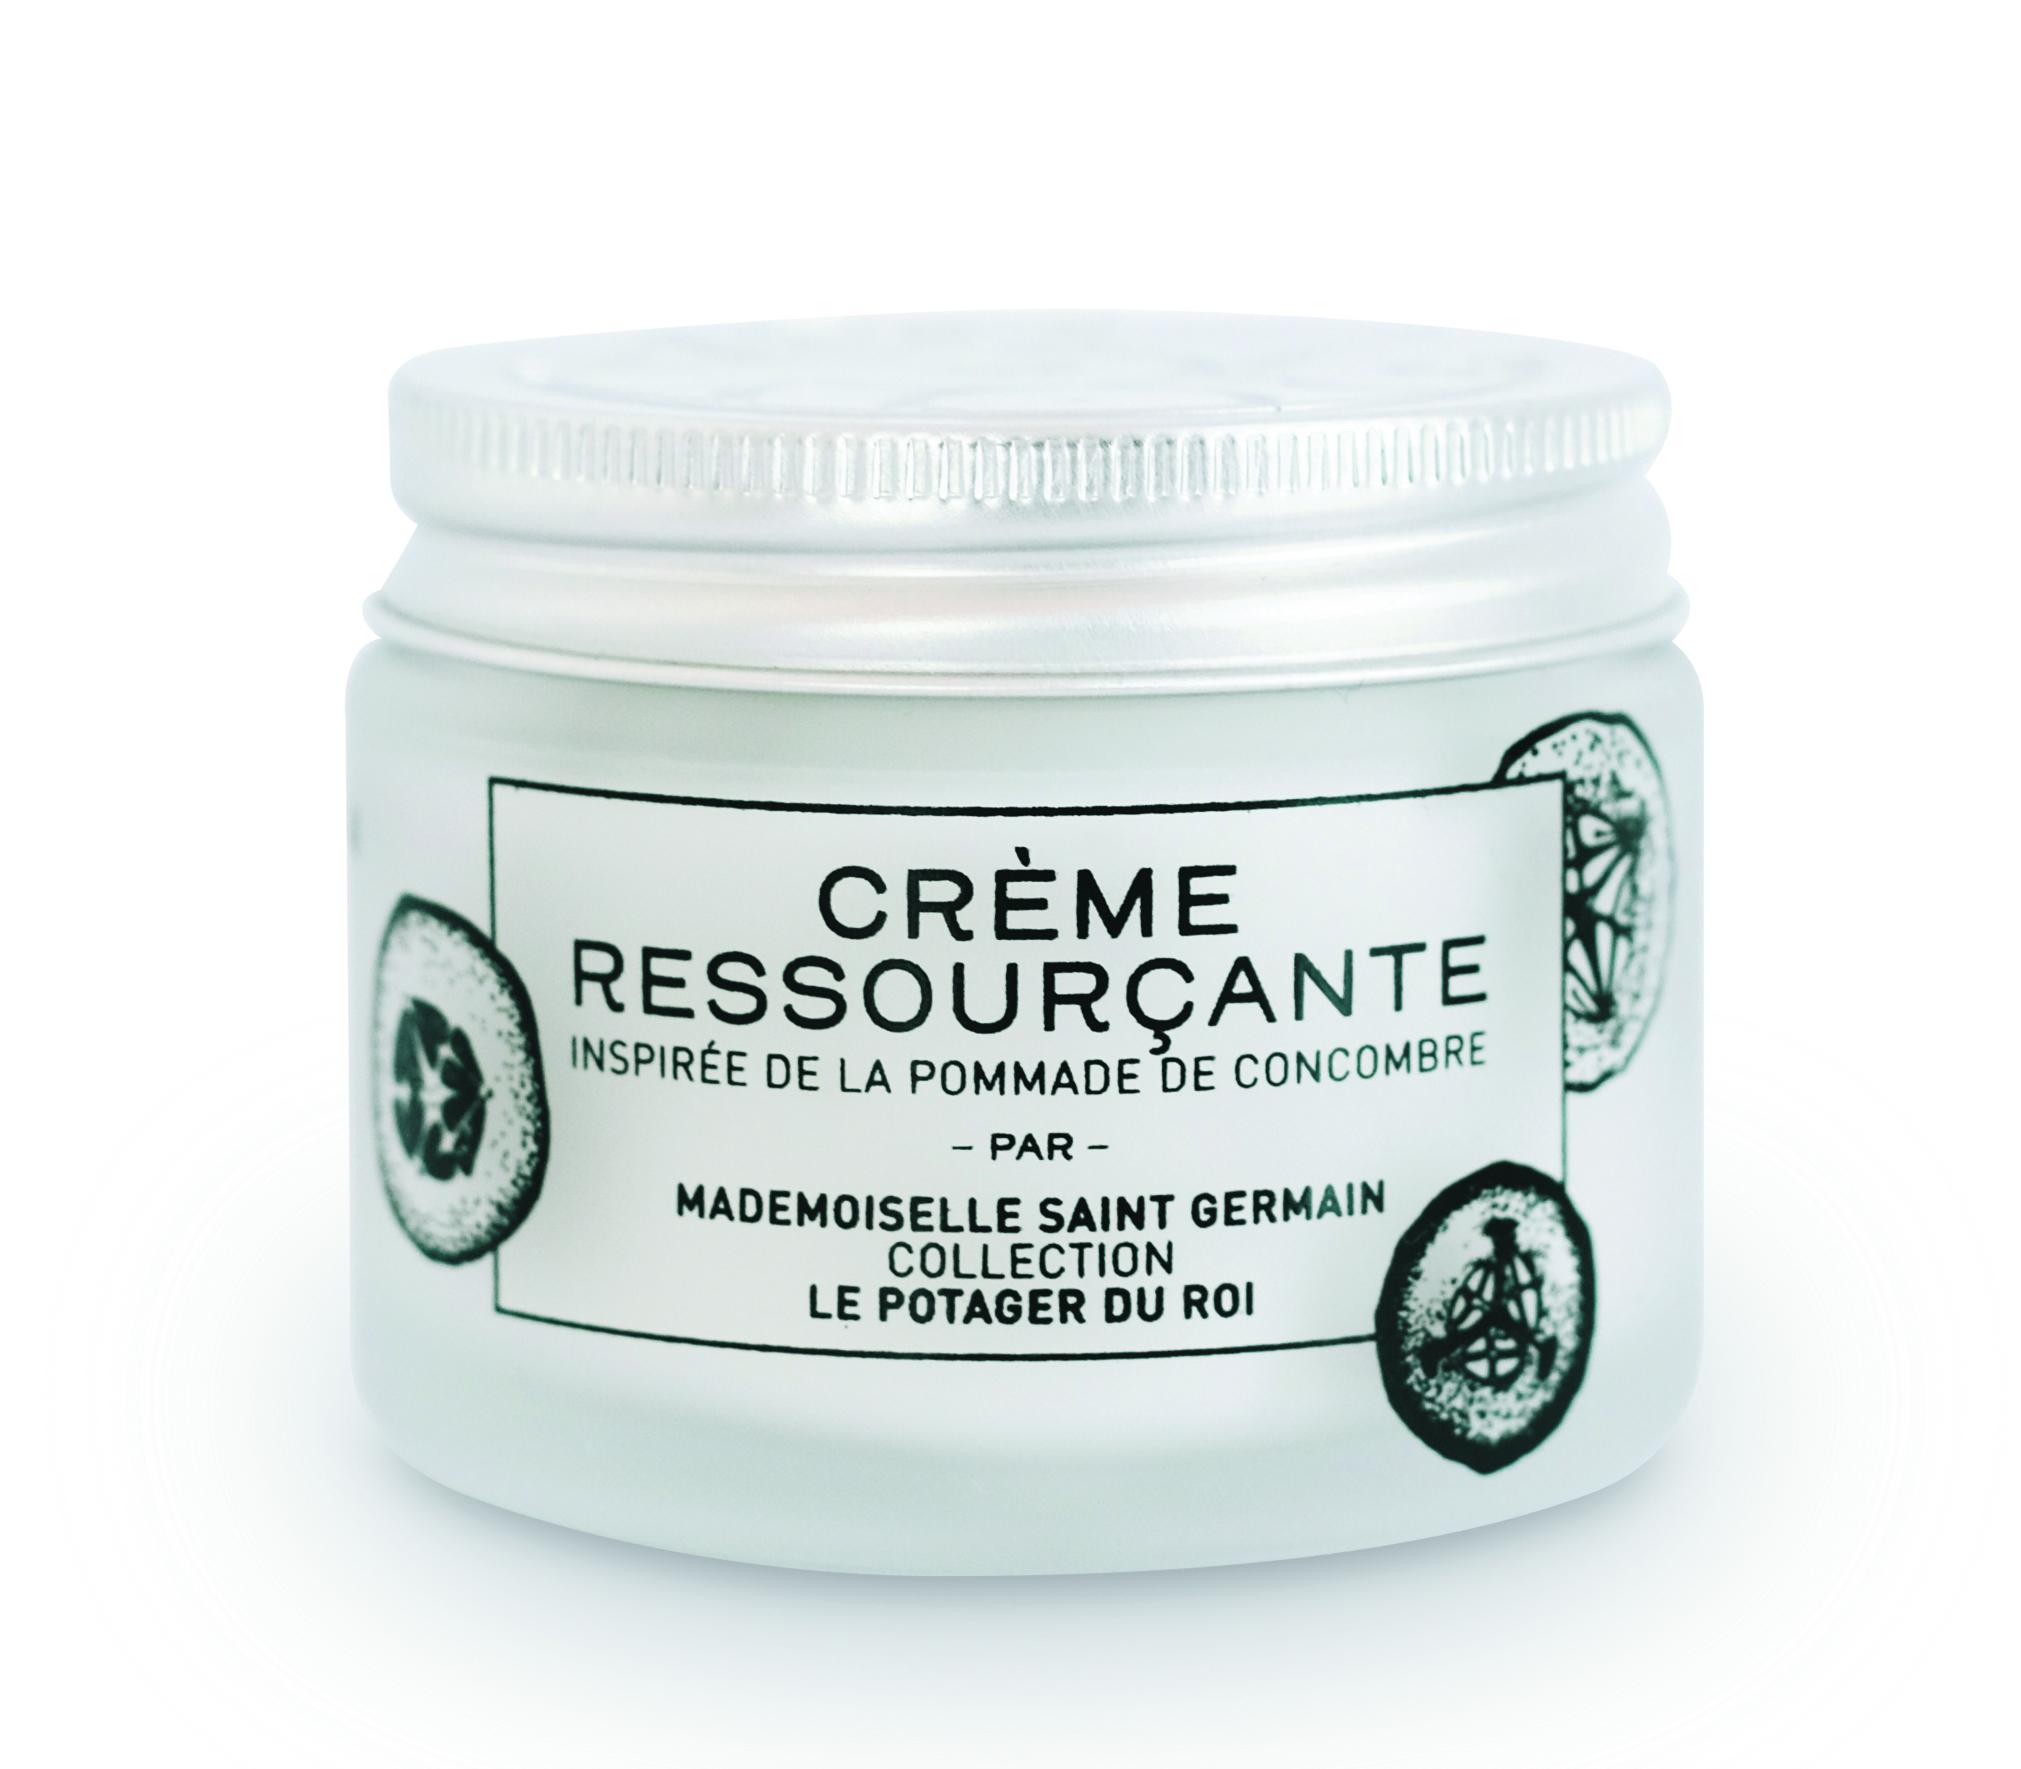 Mademoiselle-Saint-Germain-Creme-Ressourcante-au-concombre